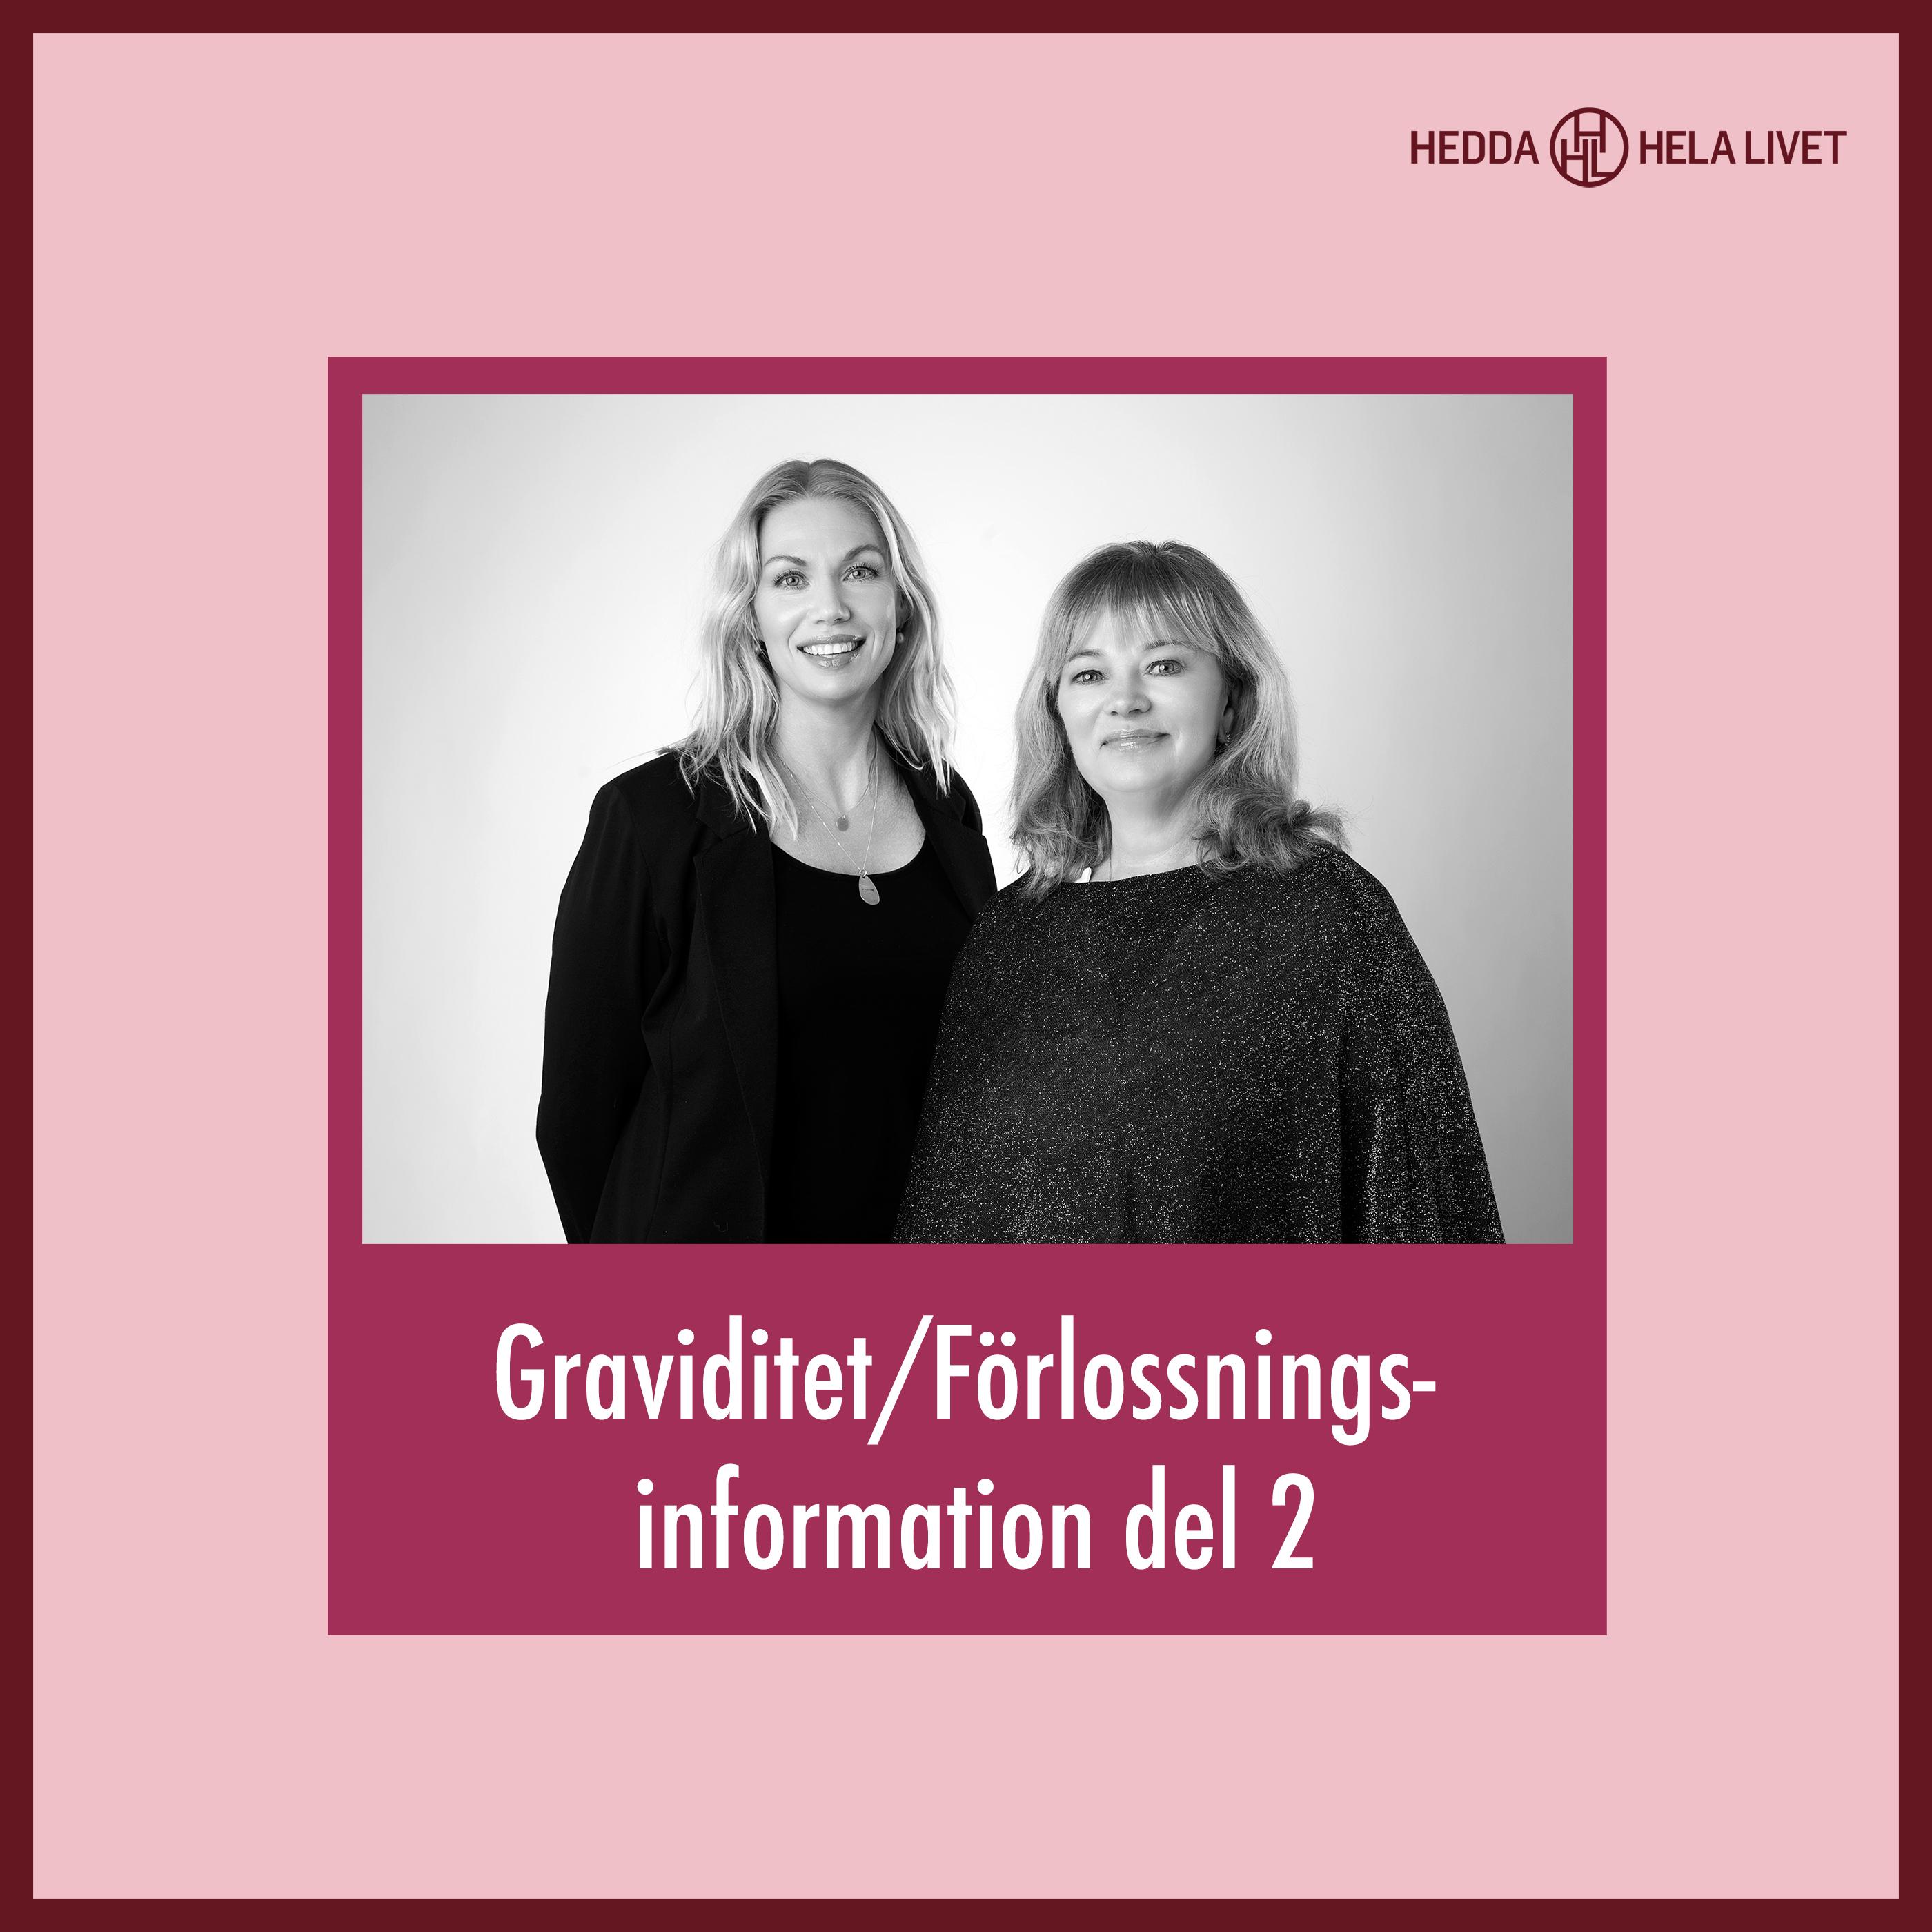 3. Graviditet/Förlossnings information del 2